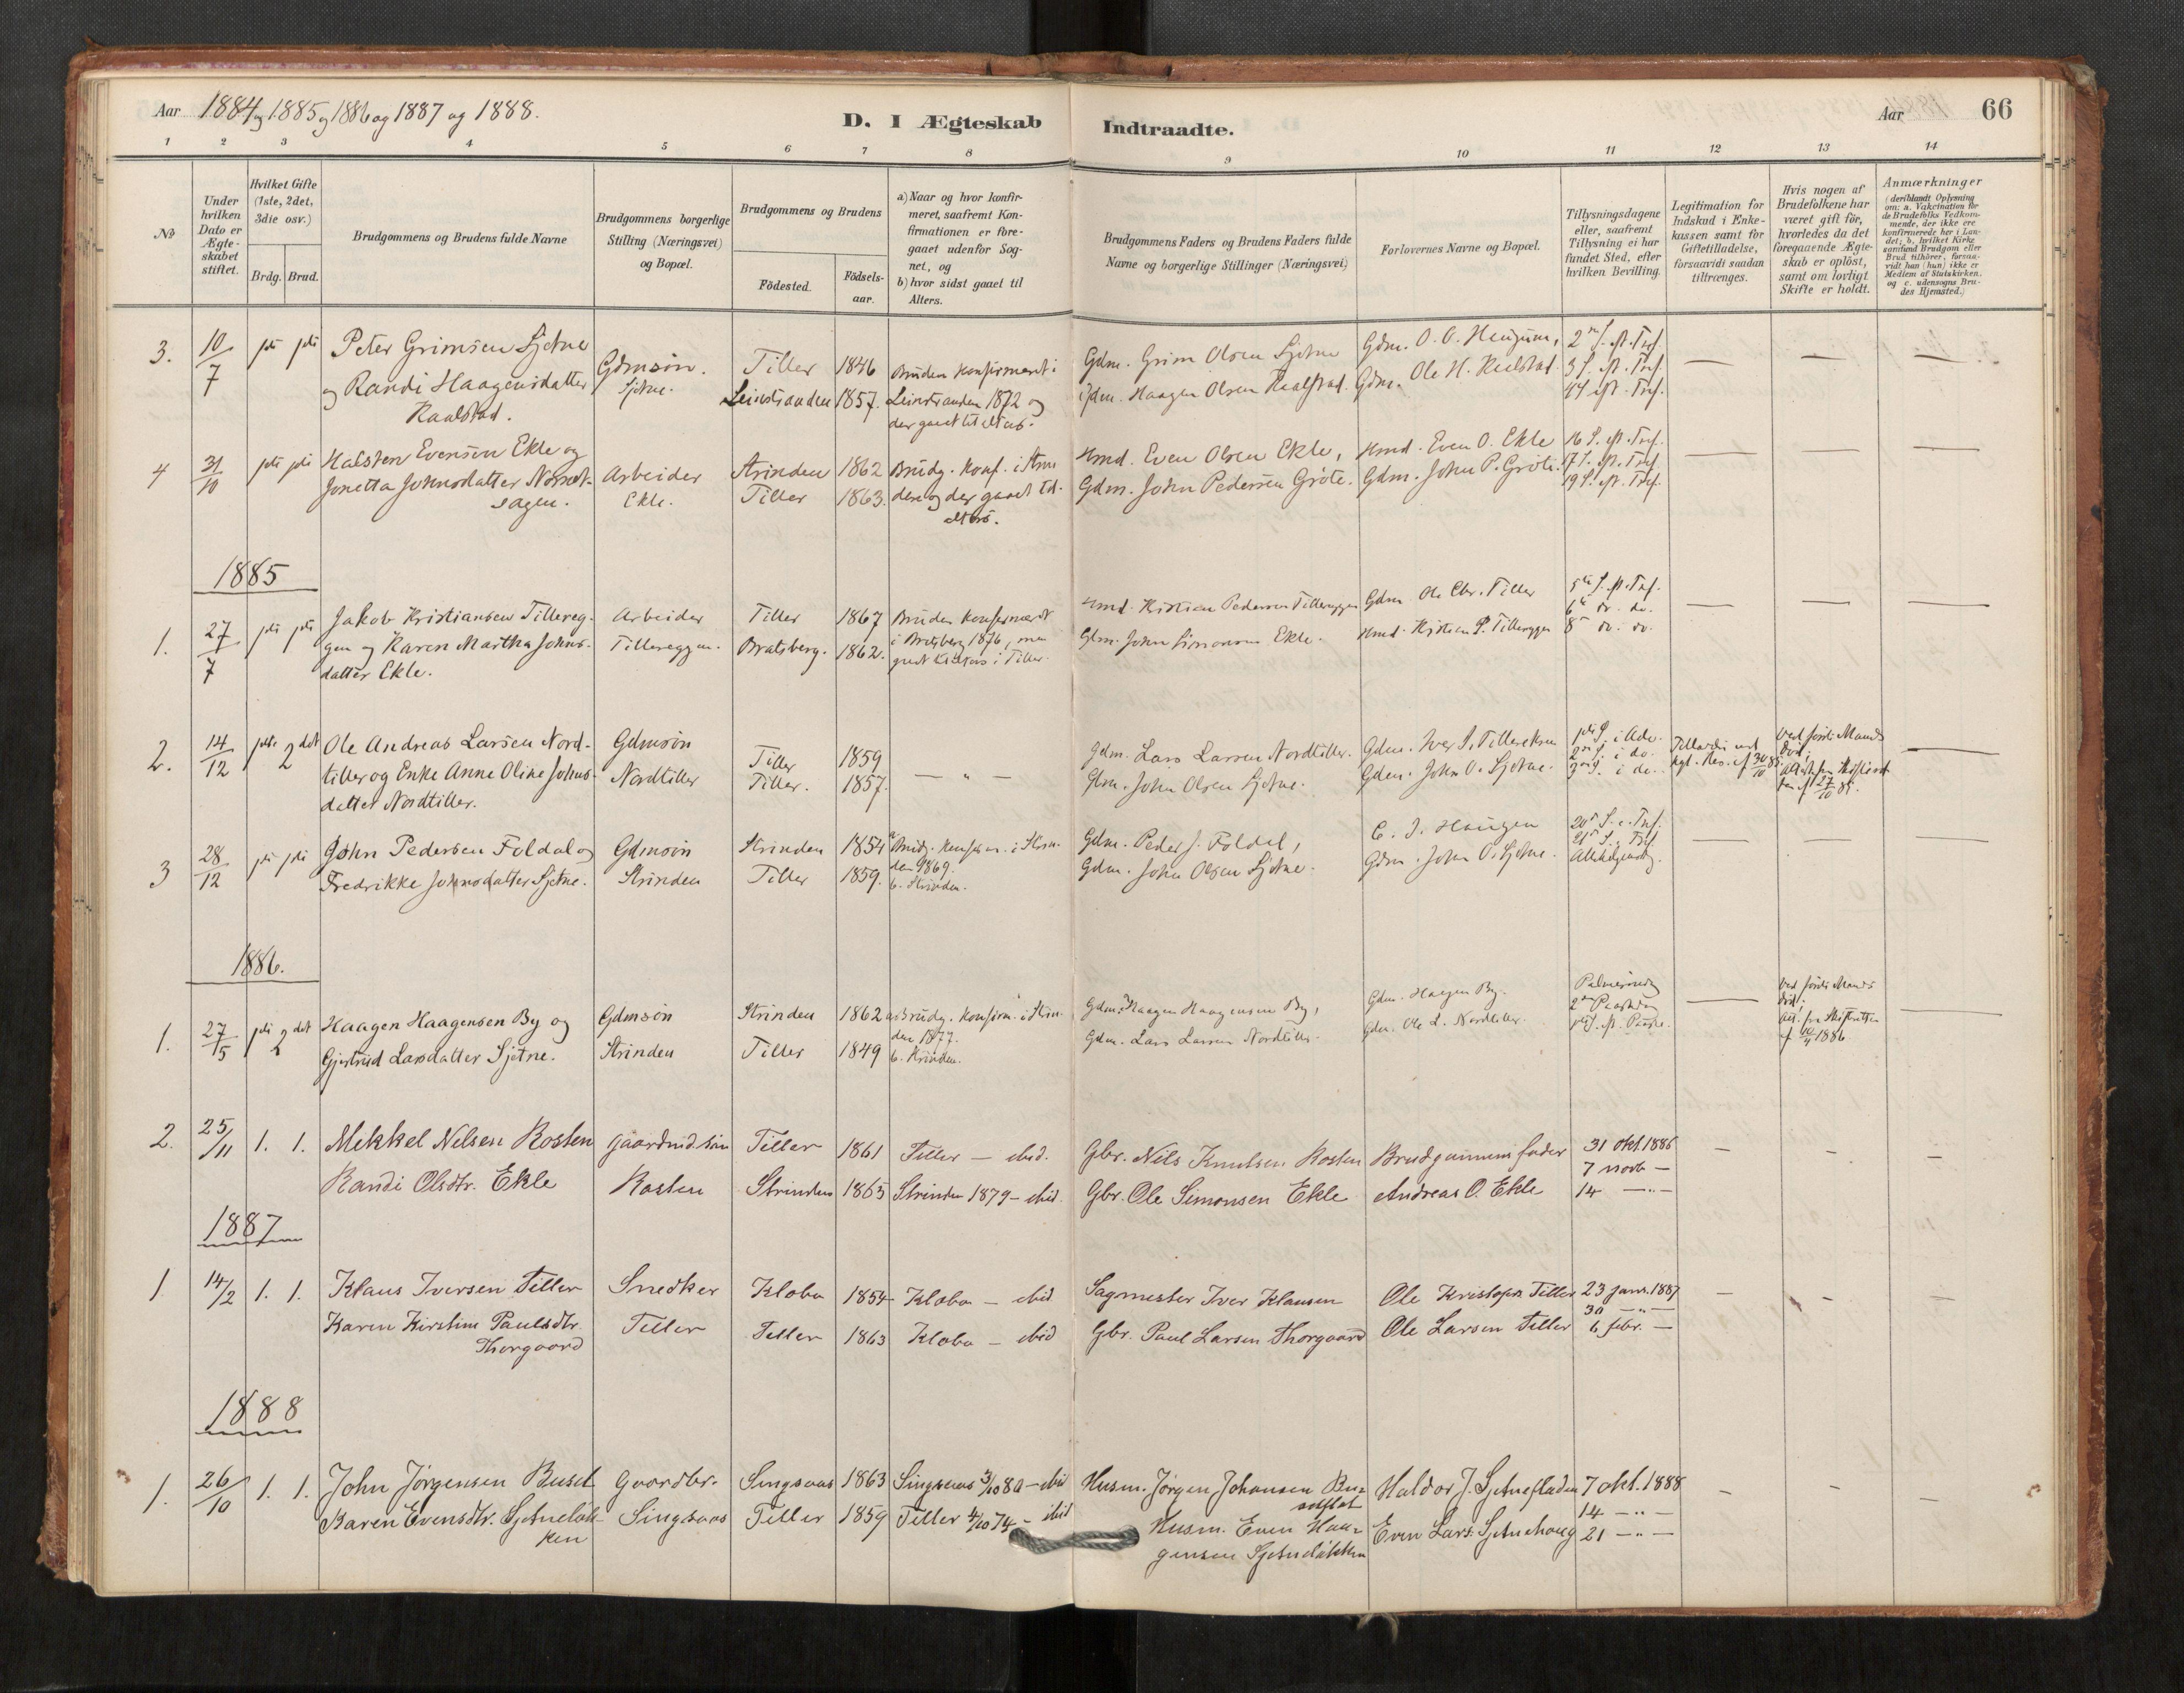 SAT, Klæbu sokneprestkontor, Parish register (official) no. 1, 1880-1900, p. 66